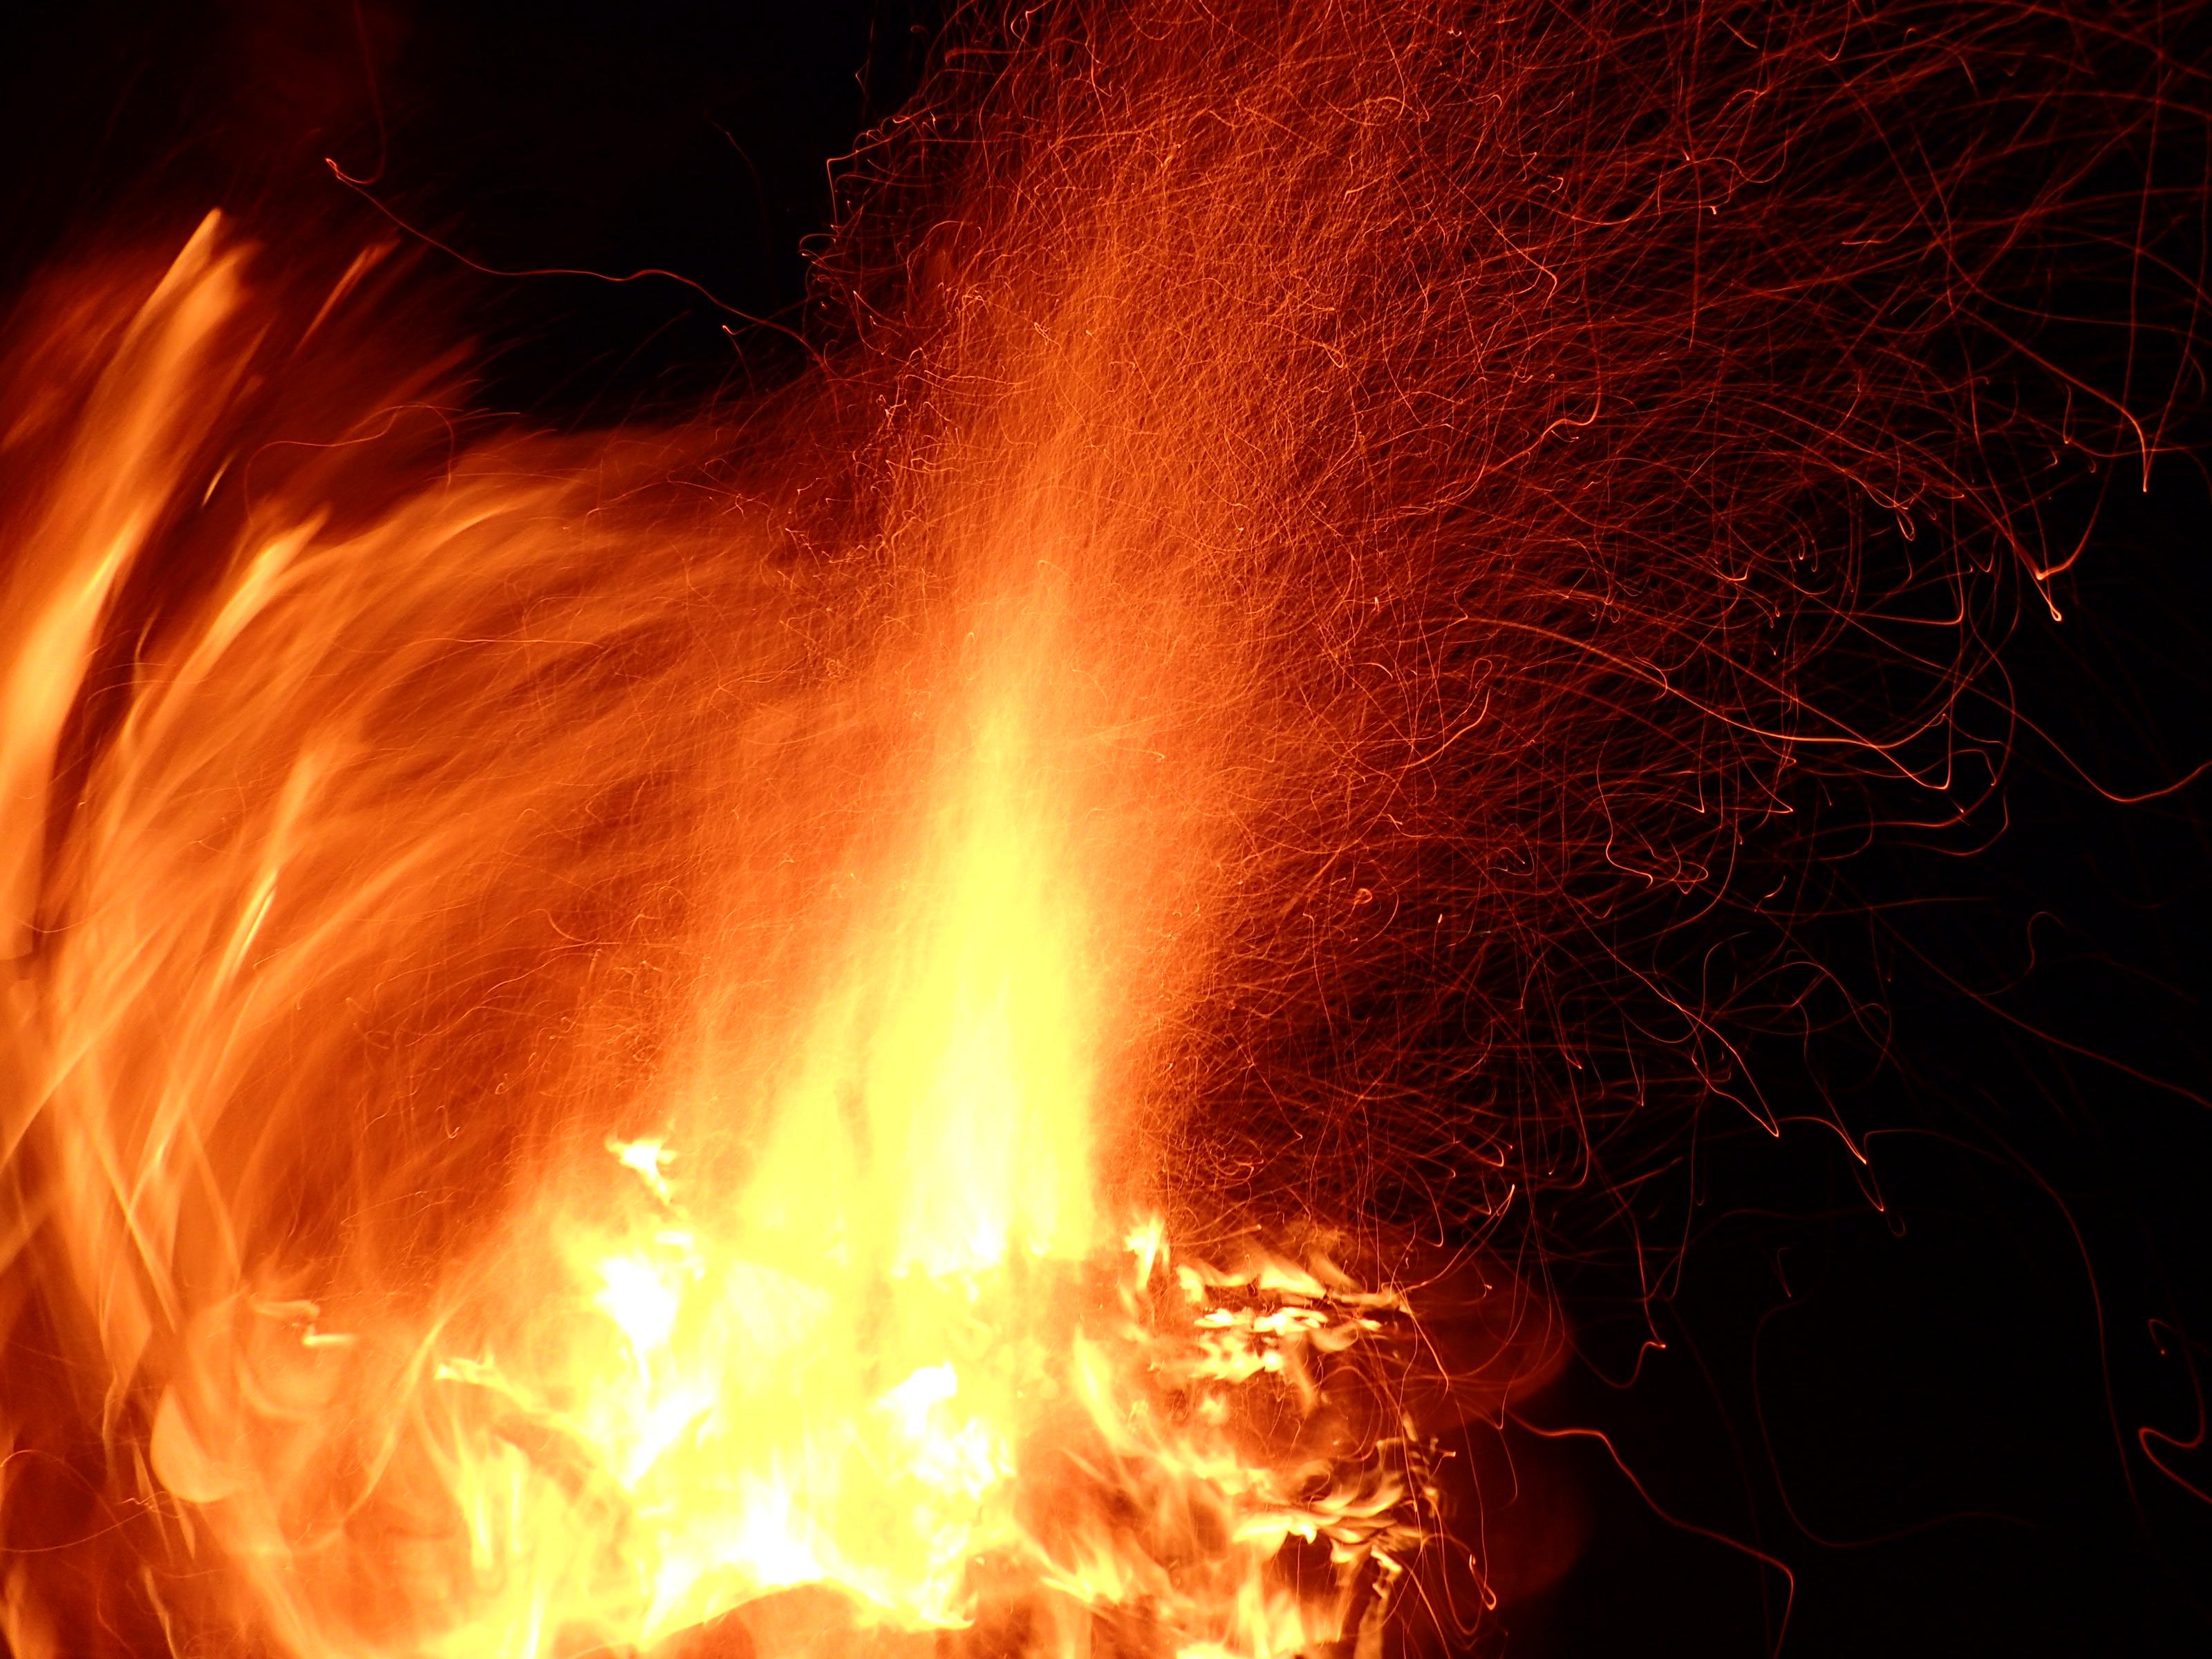 Картинки по запросу огонь-вода нандзед